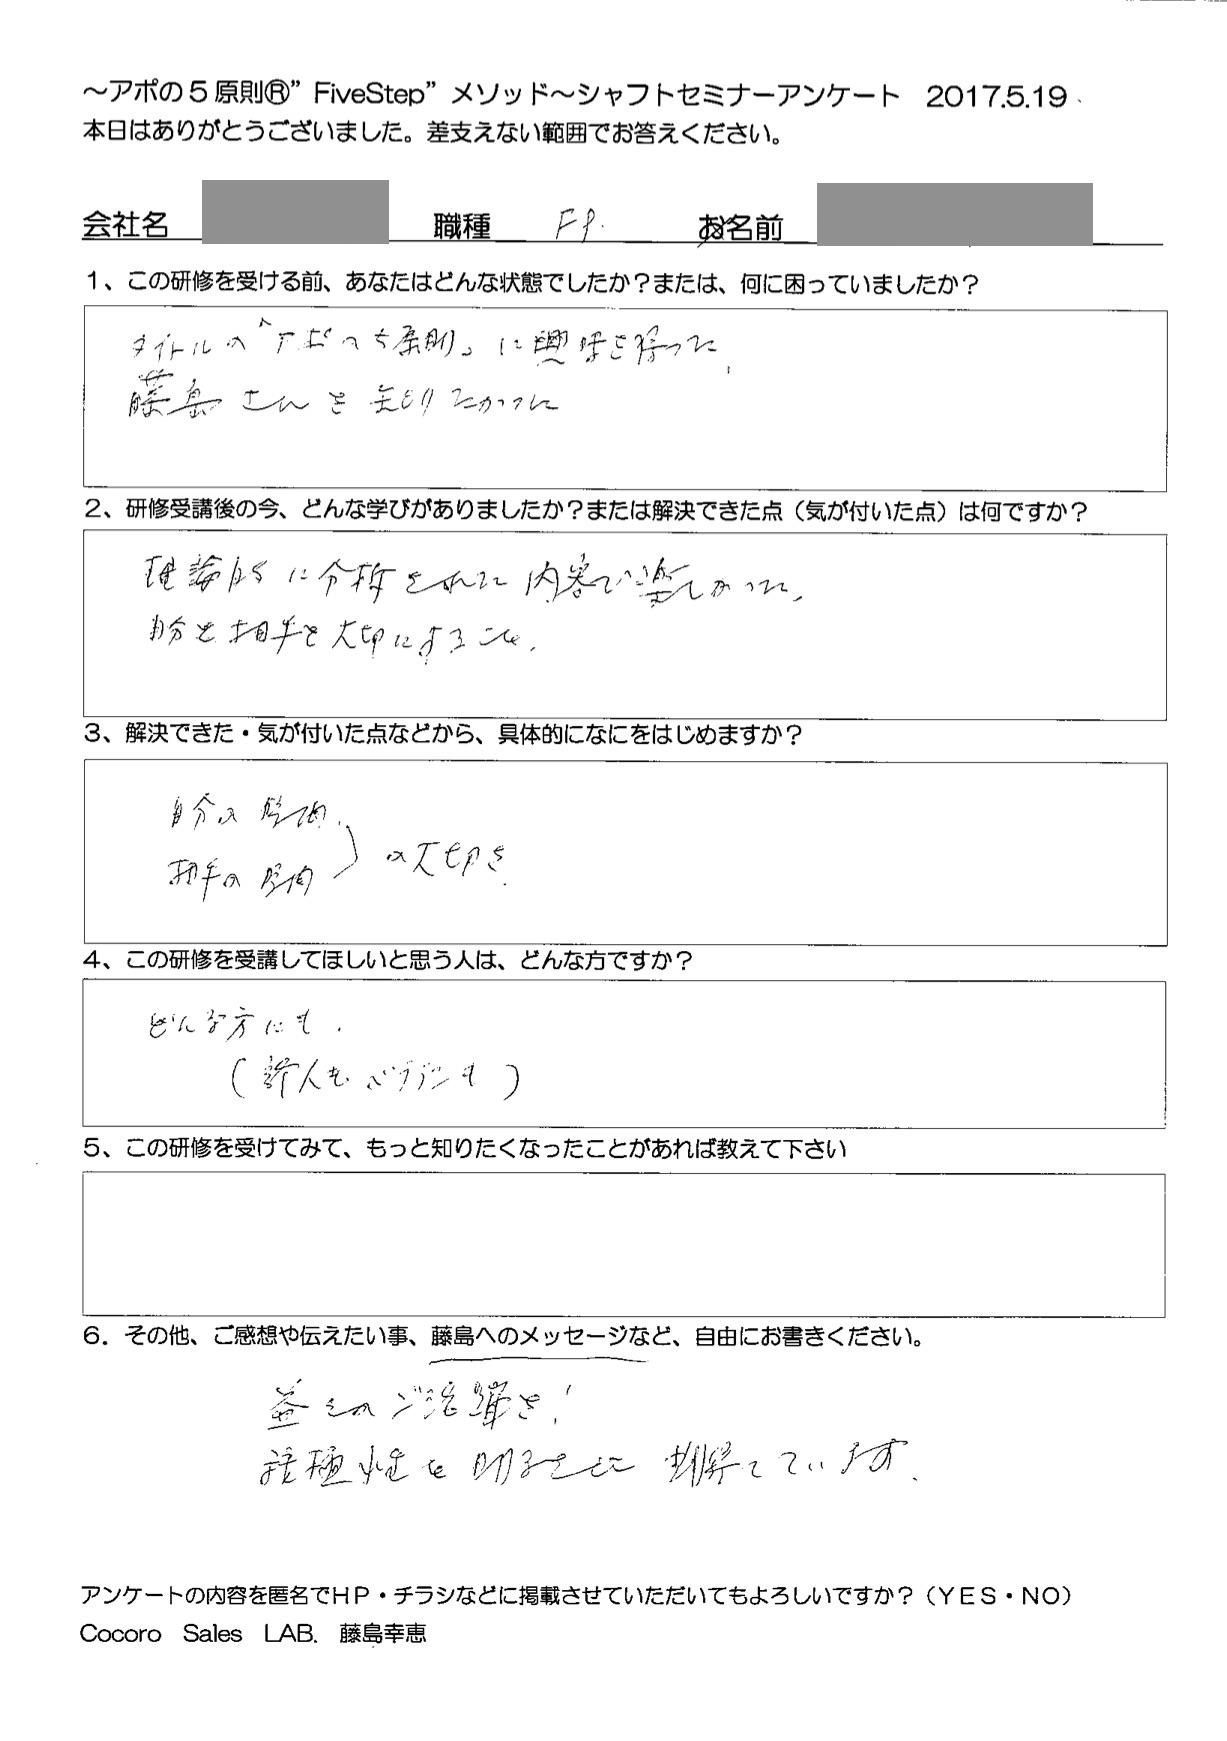 """株式会社シャフト様 fleFP塾特別セミナー 【アポの5原則®""""Five Step""""メソッド】アンケート1"""